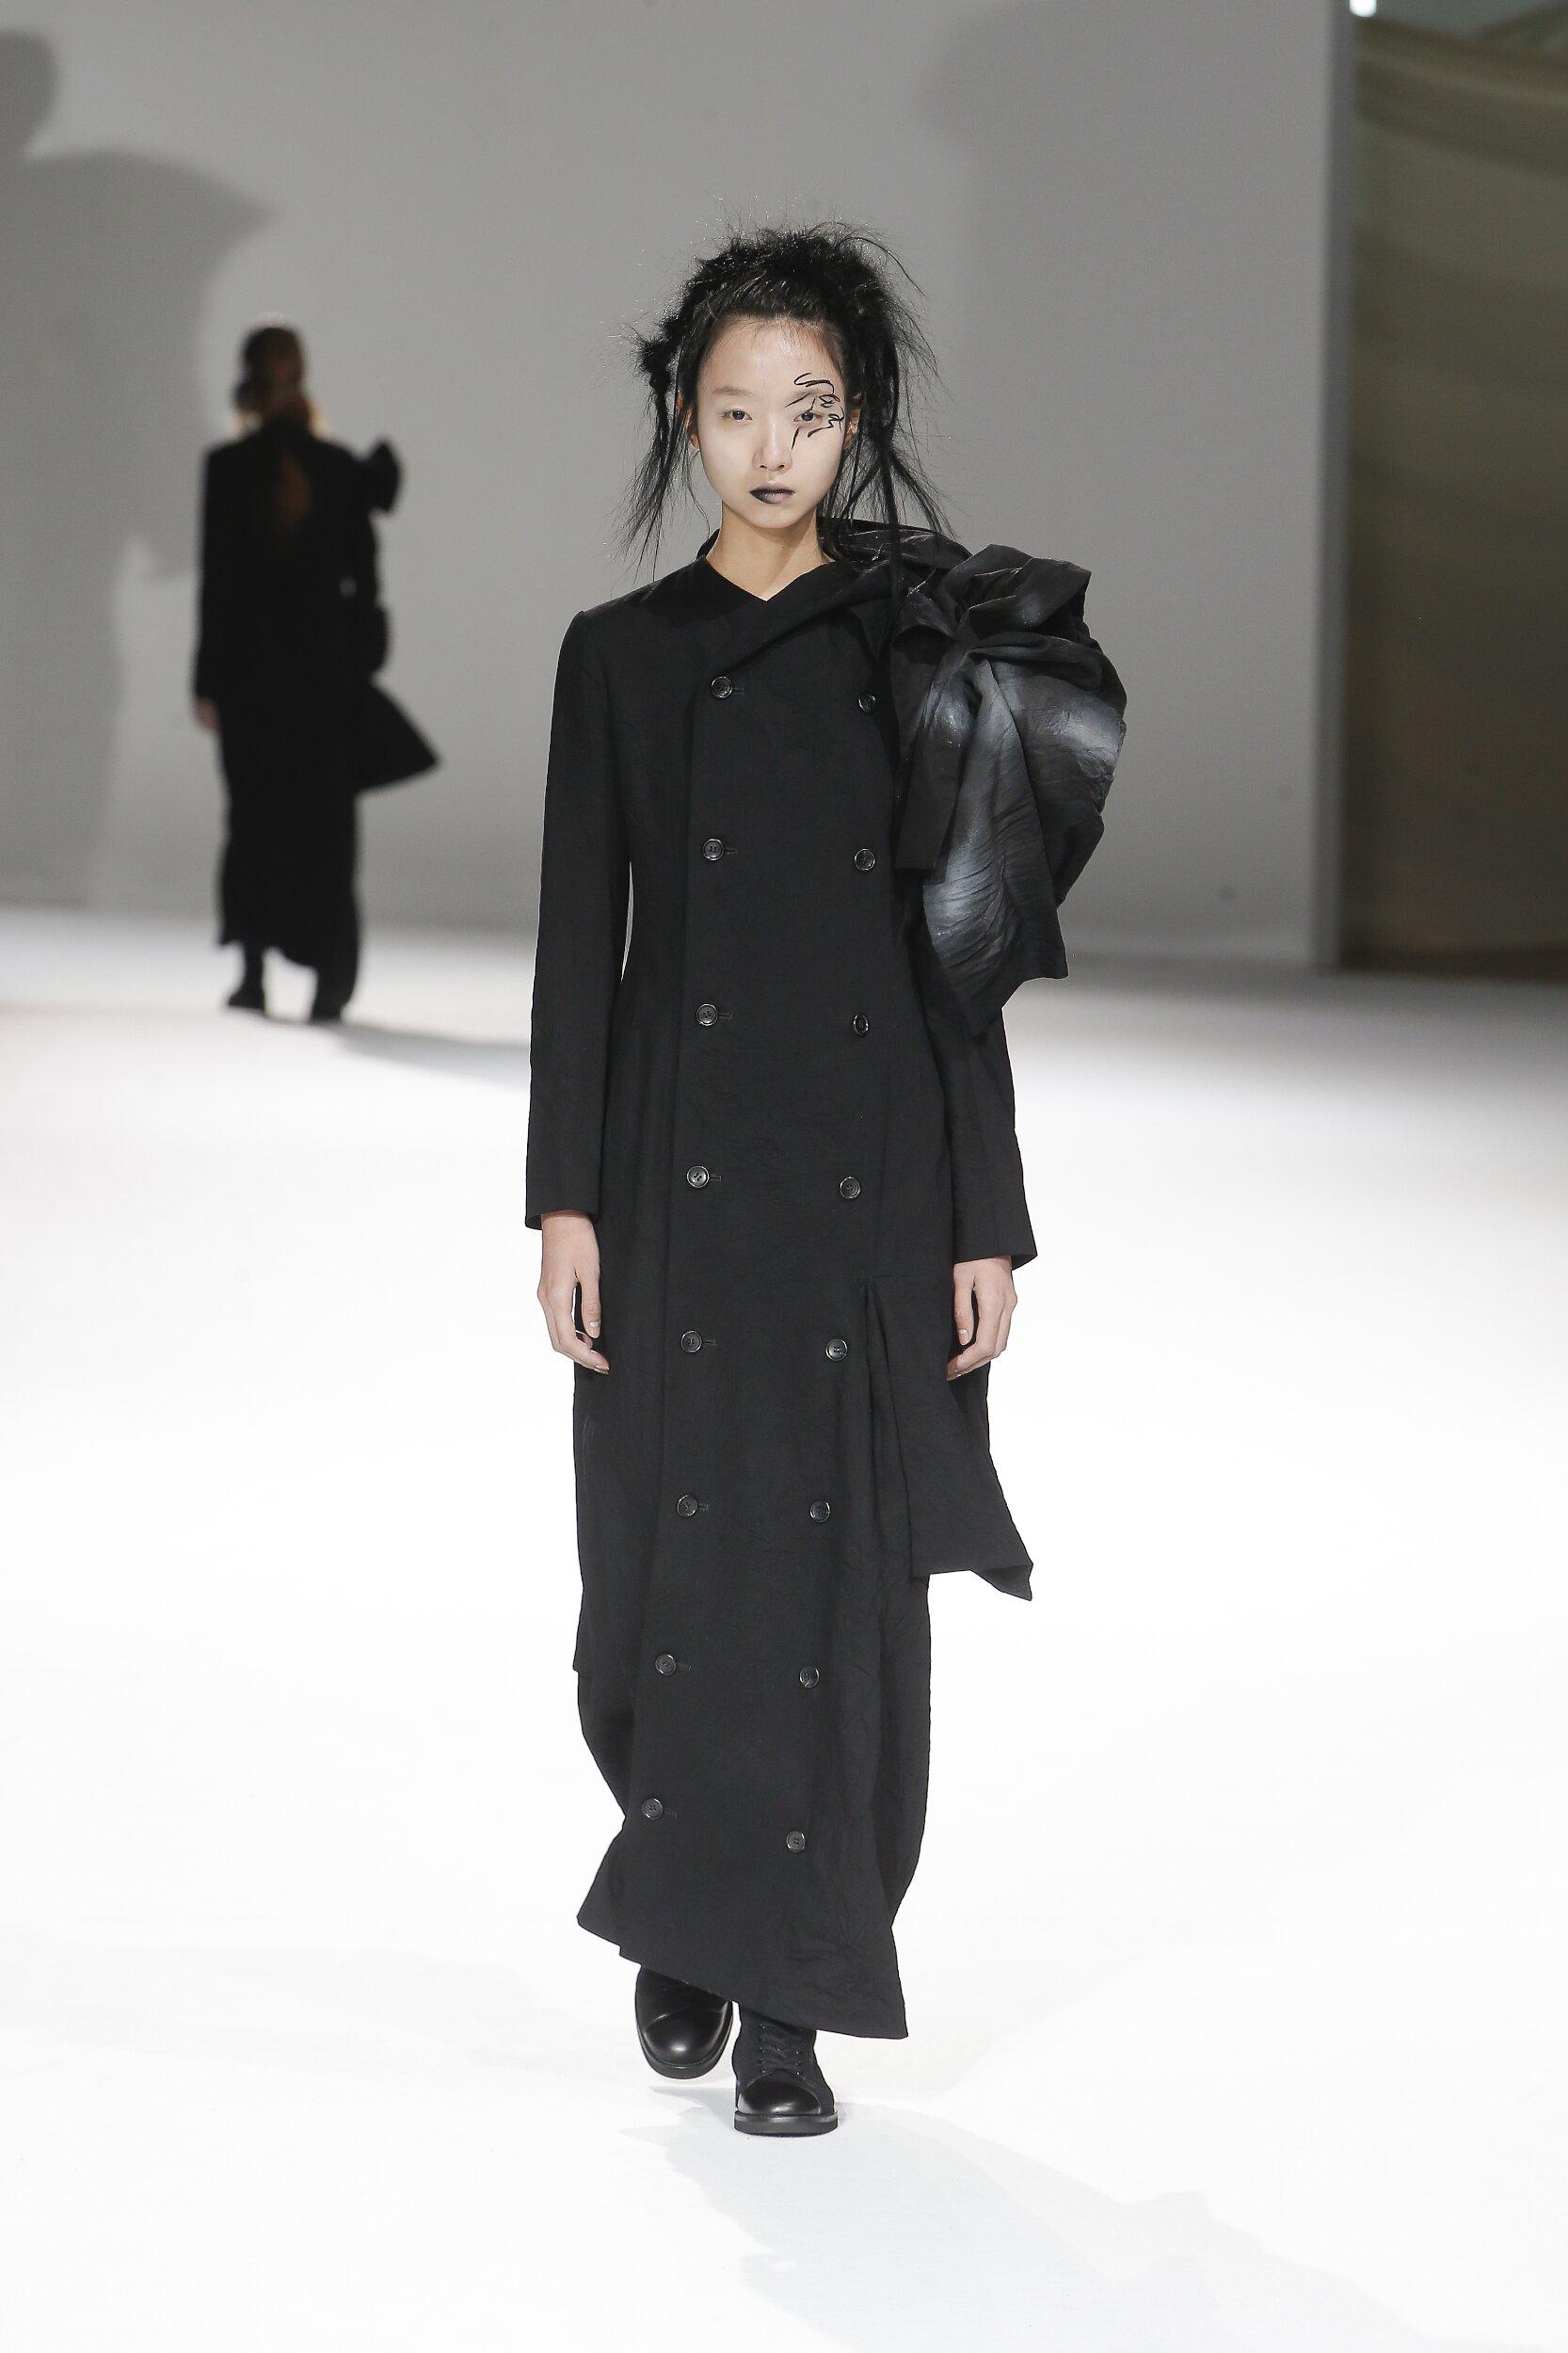 Yohji Yamamoto Fall 2020 Catwalk